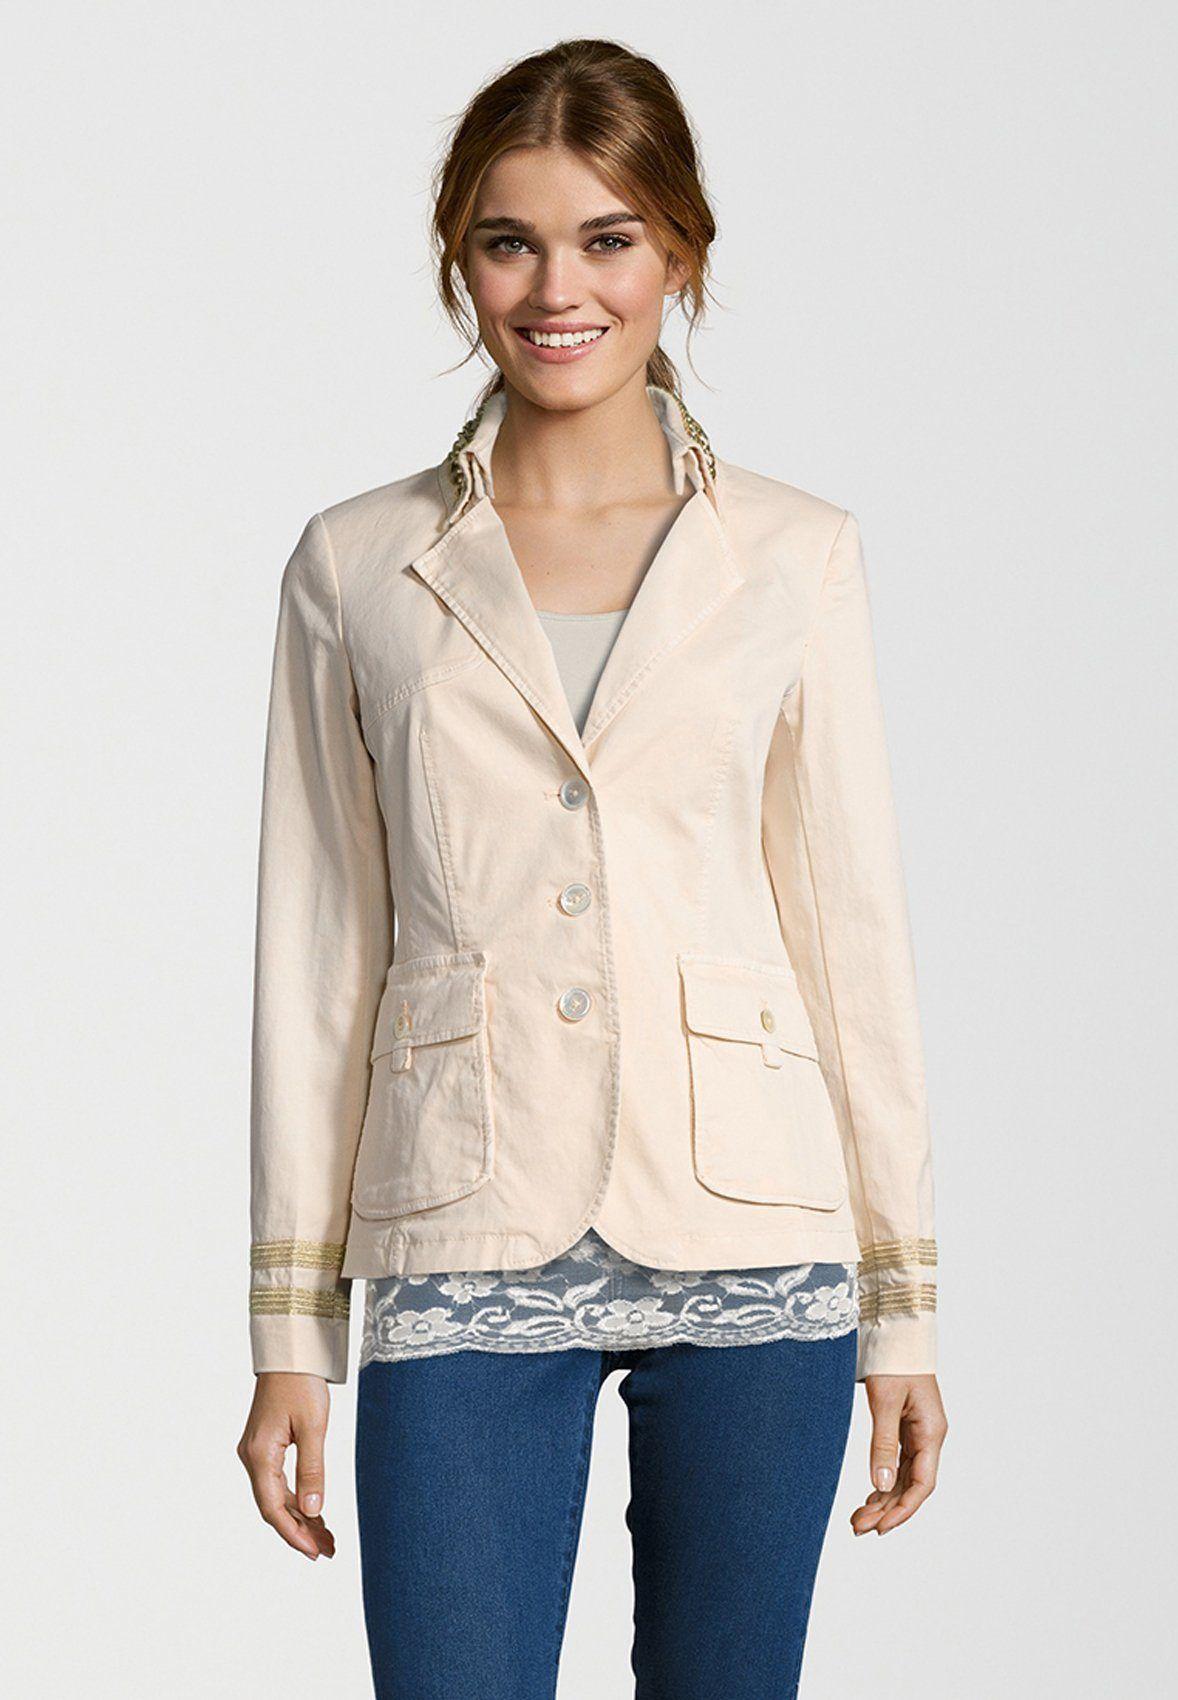 Damen Blonde No.8 Jackenblazer MONACO GOLD Zierbänder am Ärmelsaum rosa |  04058759087878 - Kategorie